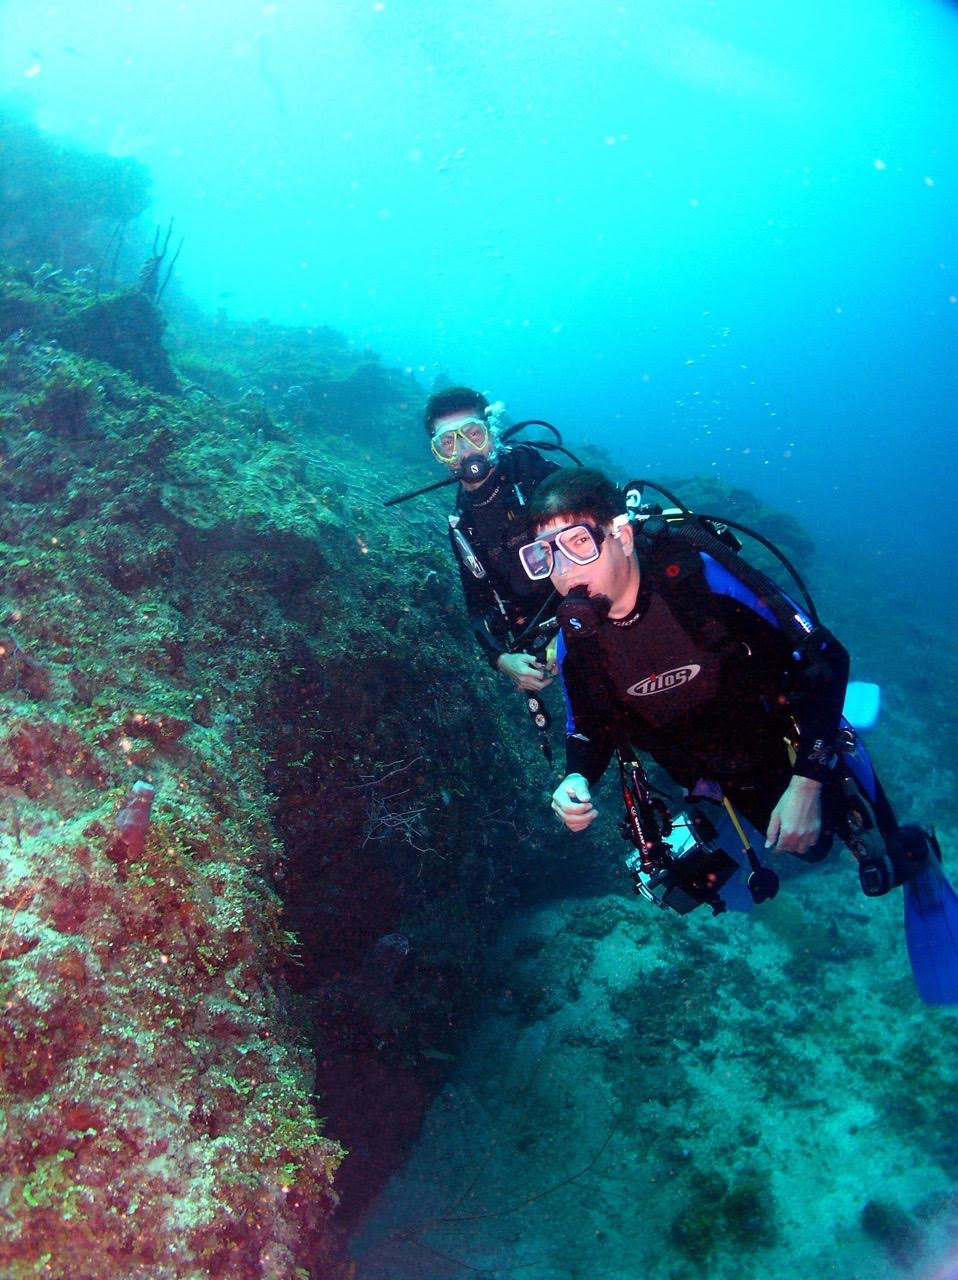 Buceo en Arrecifes de Coral en la costa de Puerto Cortés.